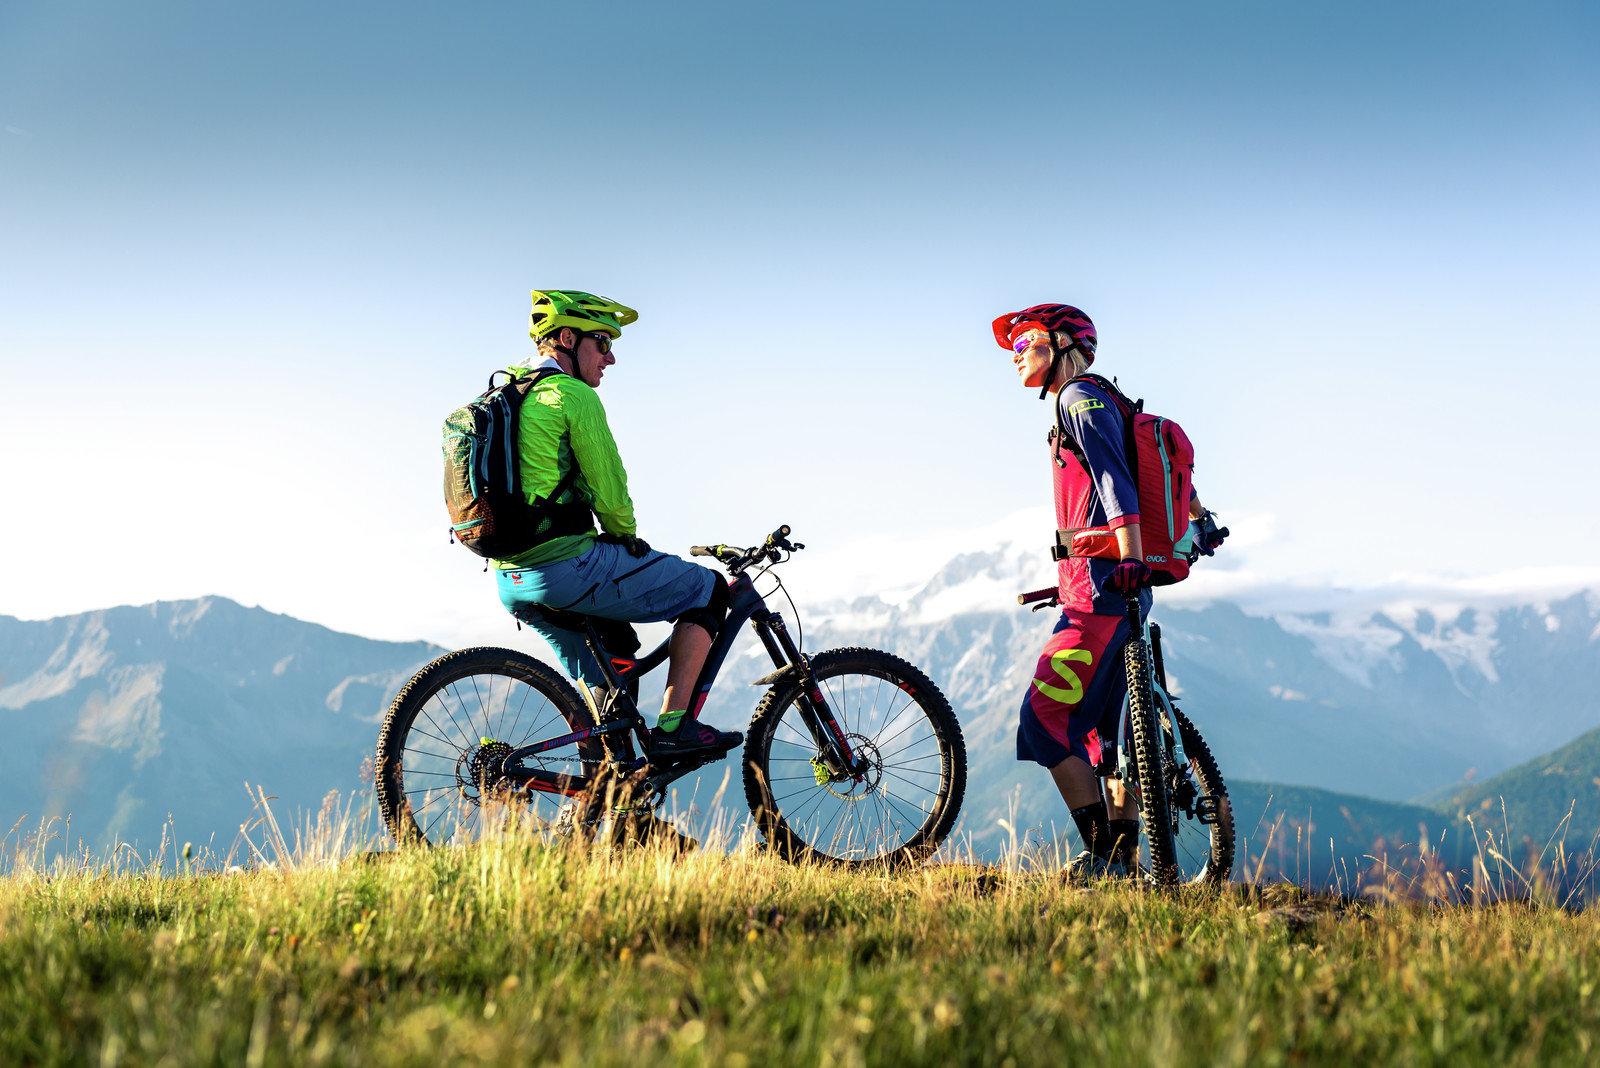 Mountainbikewoche mit 5 geführten Touren